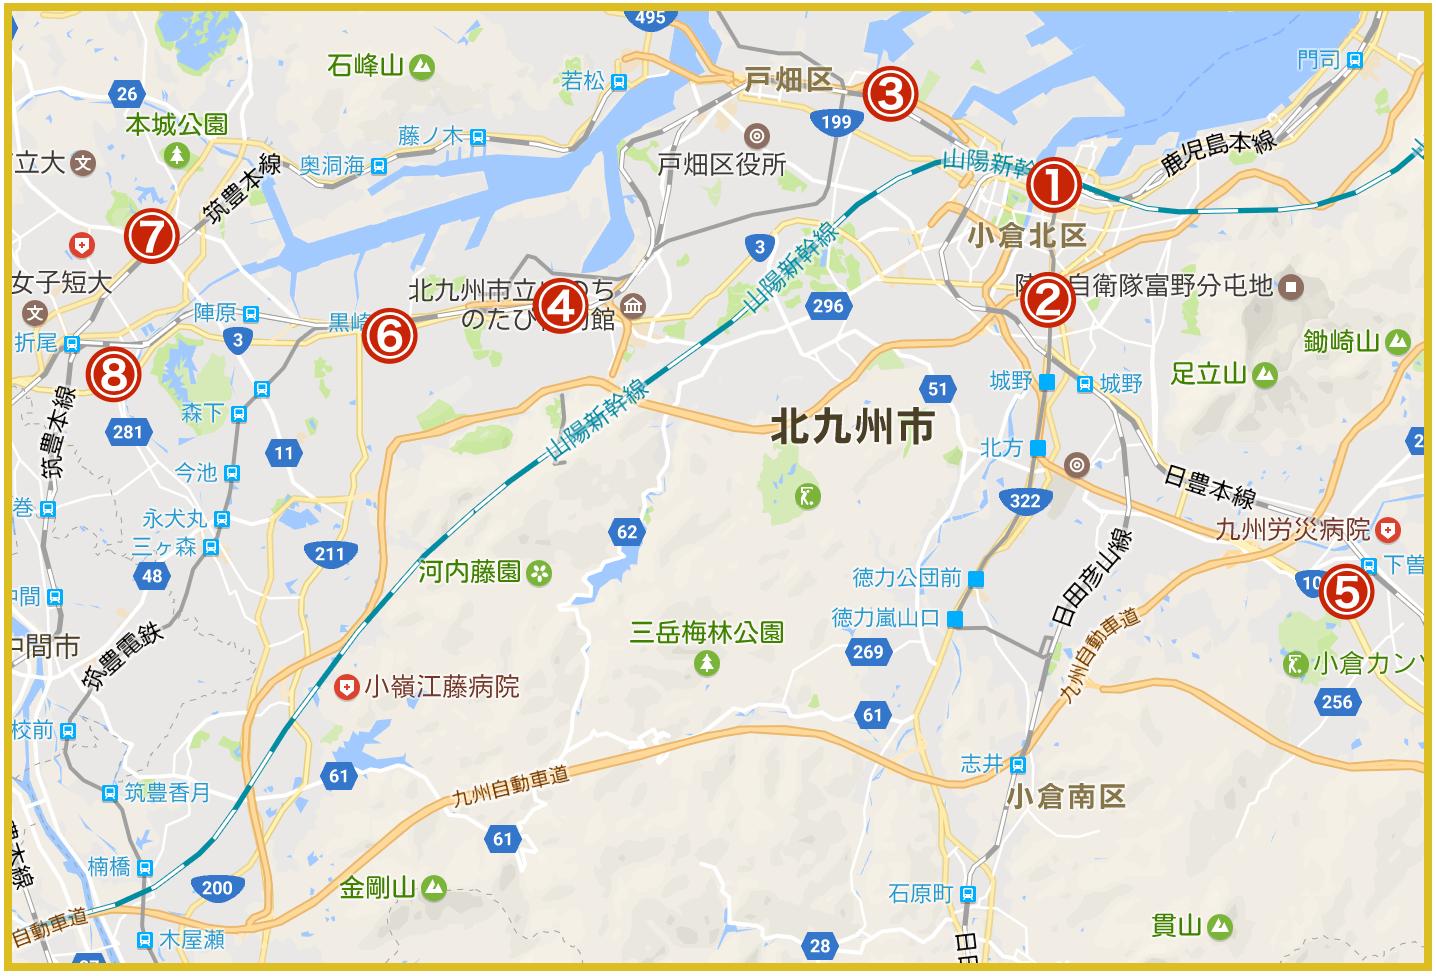 北九州市にあるアコム店舗・ATMの位置(2021年版)